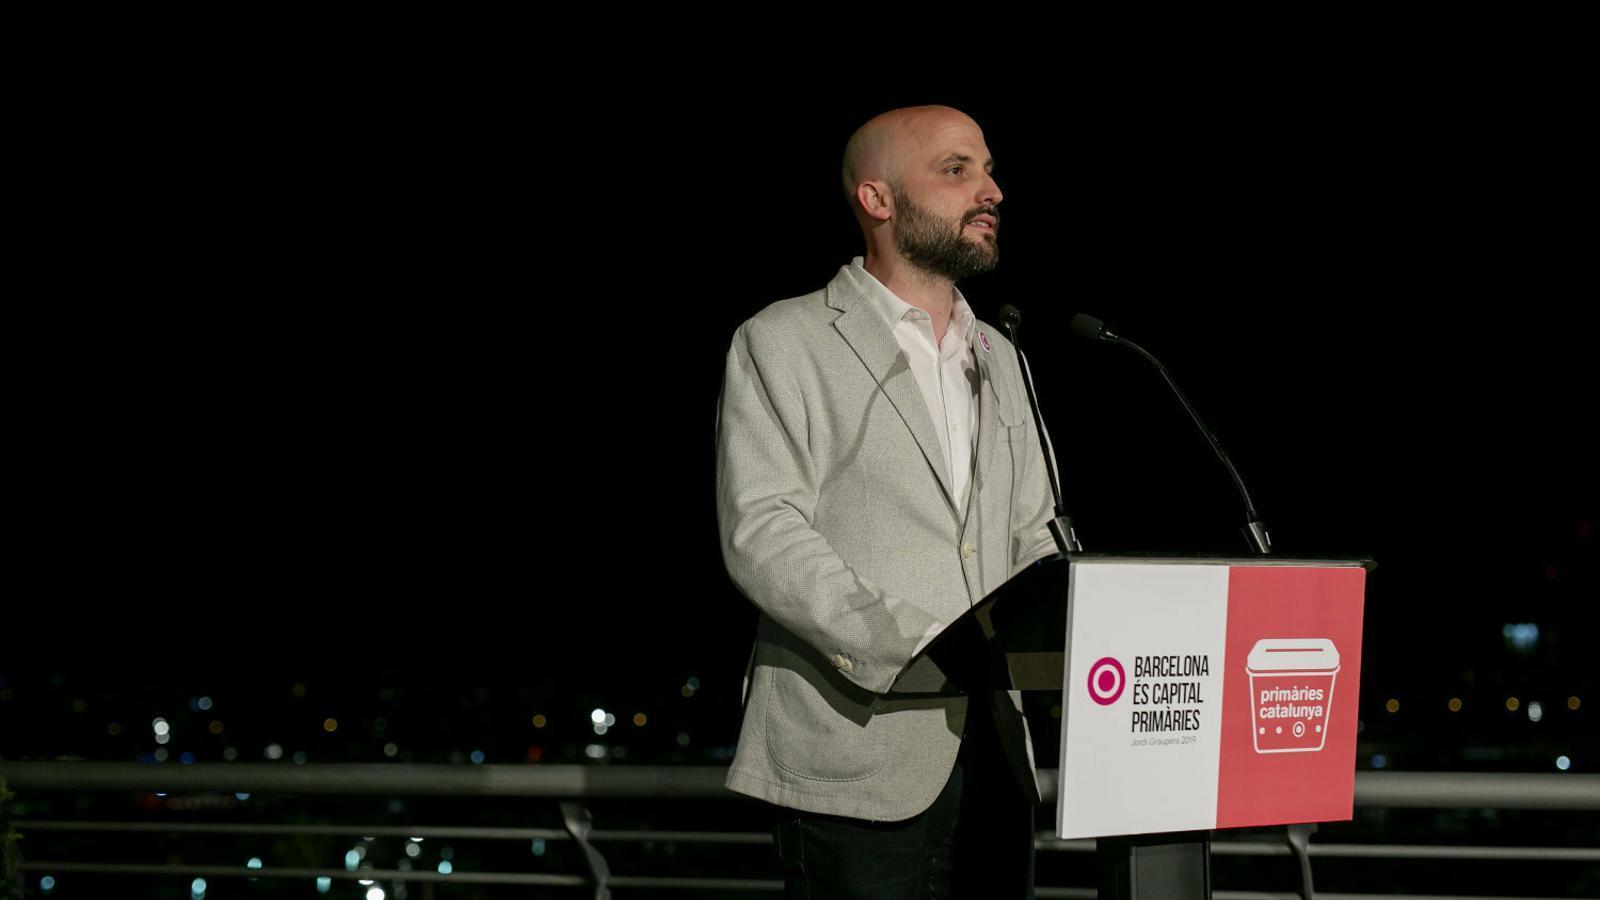 Jordi Graupera, l'impulsor de Barcelona és Capital, la candidatura independen-tista sorgida de Primàries que va quedar fora de l'Ajuntament de Barcelona el 26 de maig.